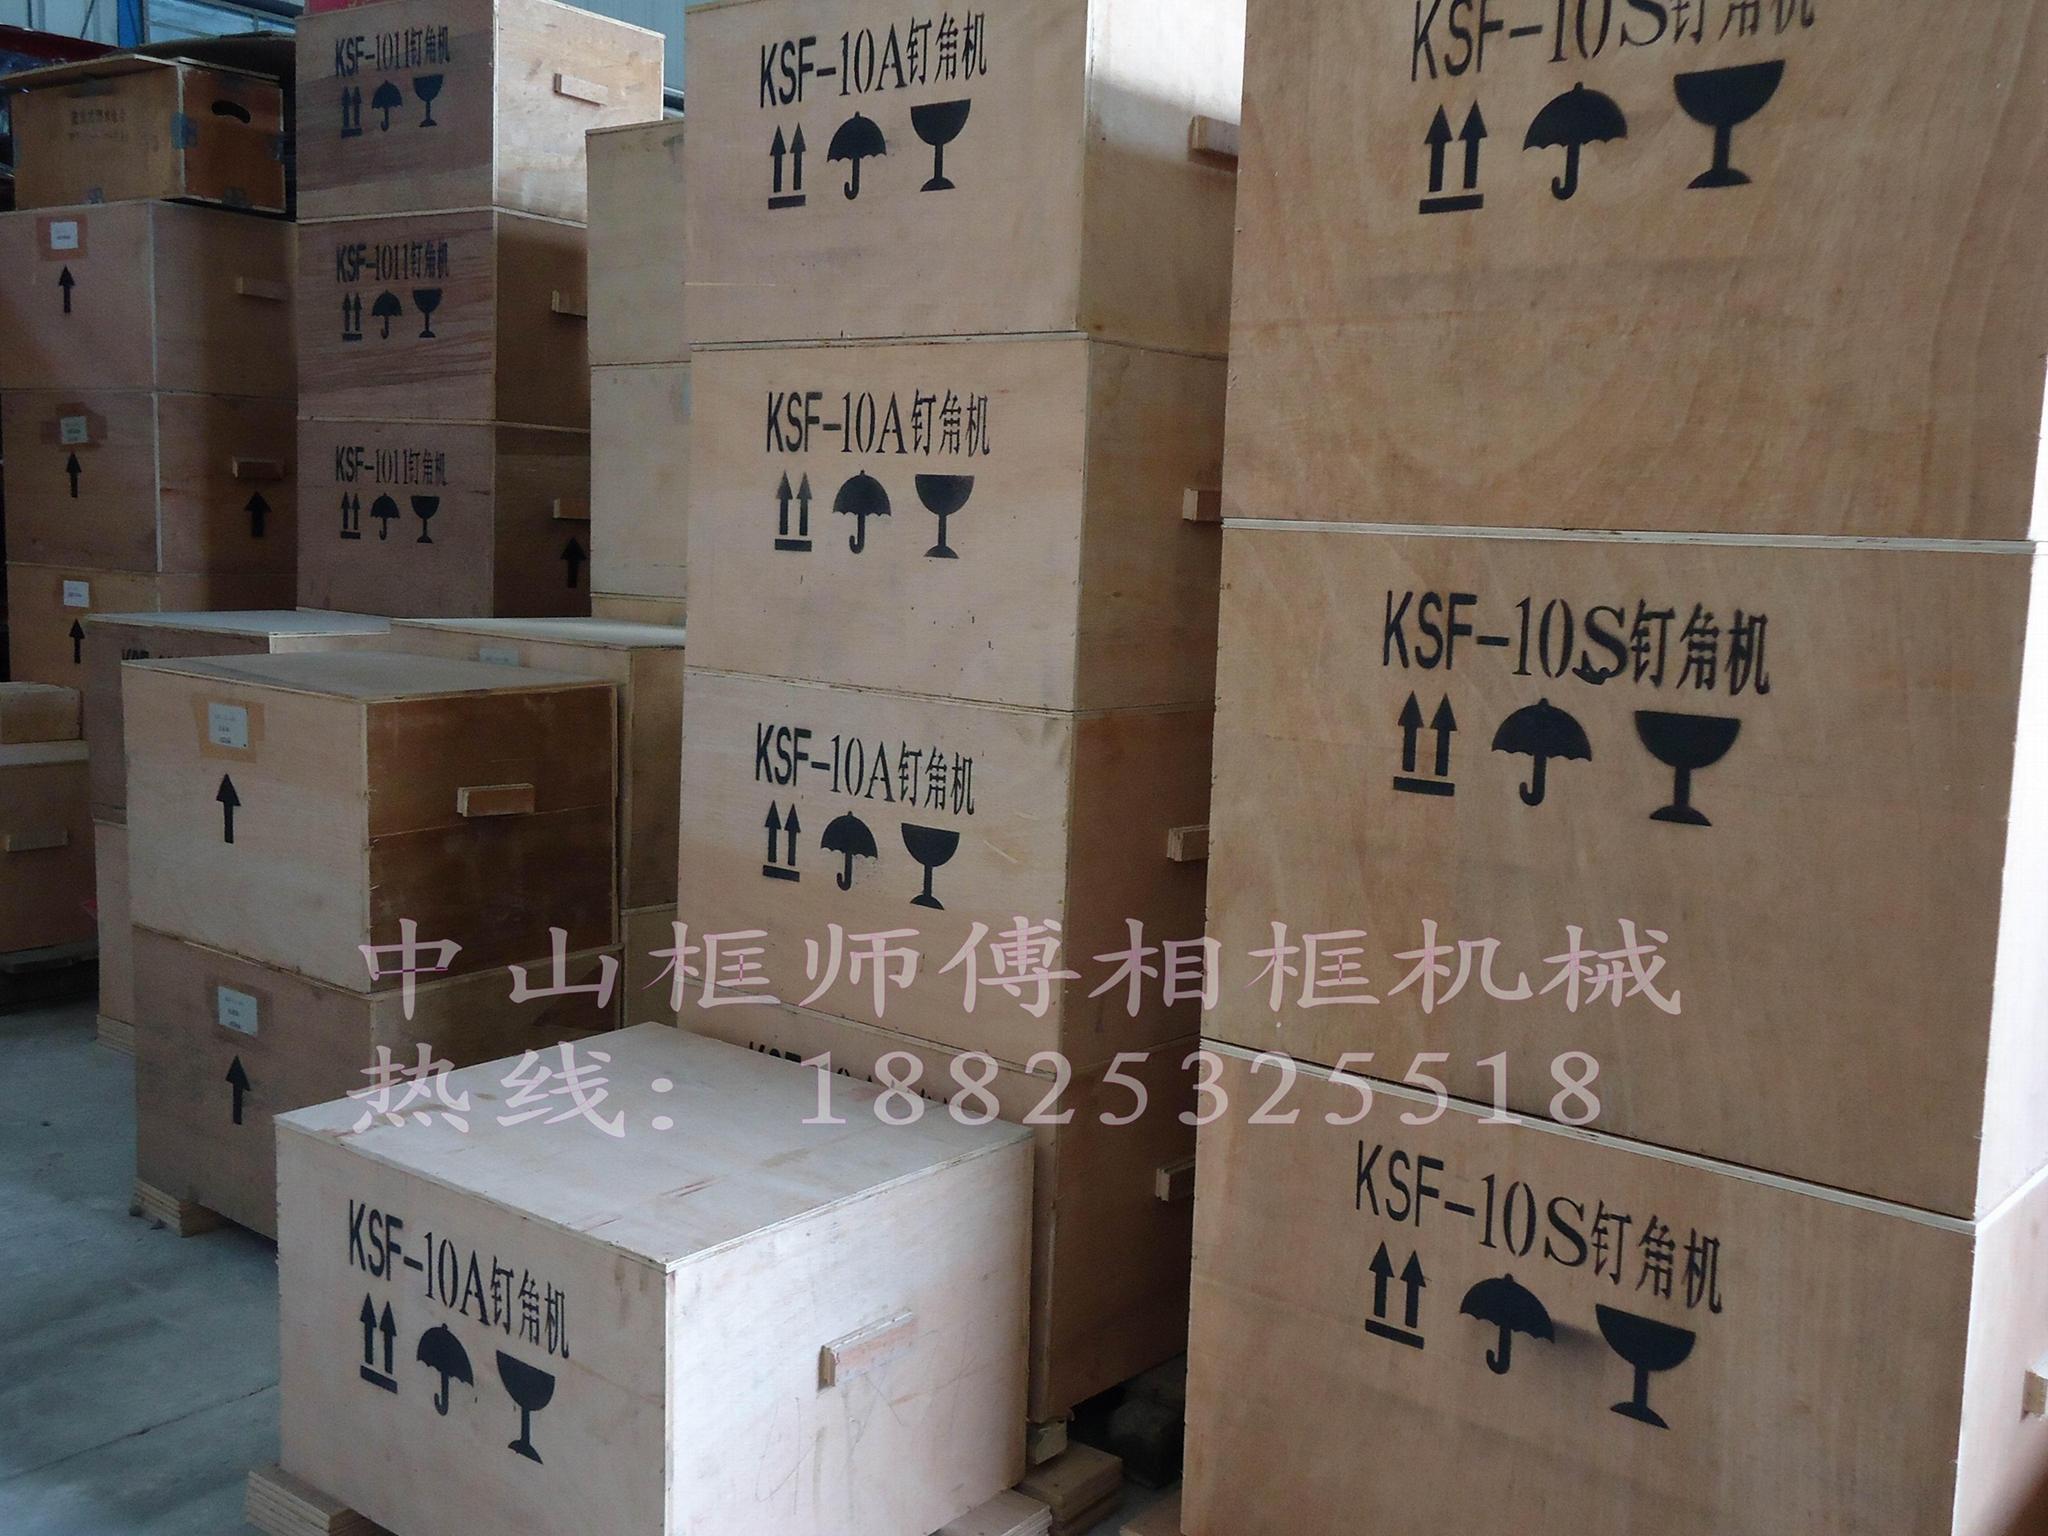 相框氣動臺式KSF-10A調模型釘角機廠家直銷 4